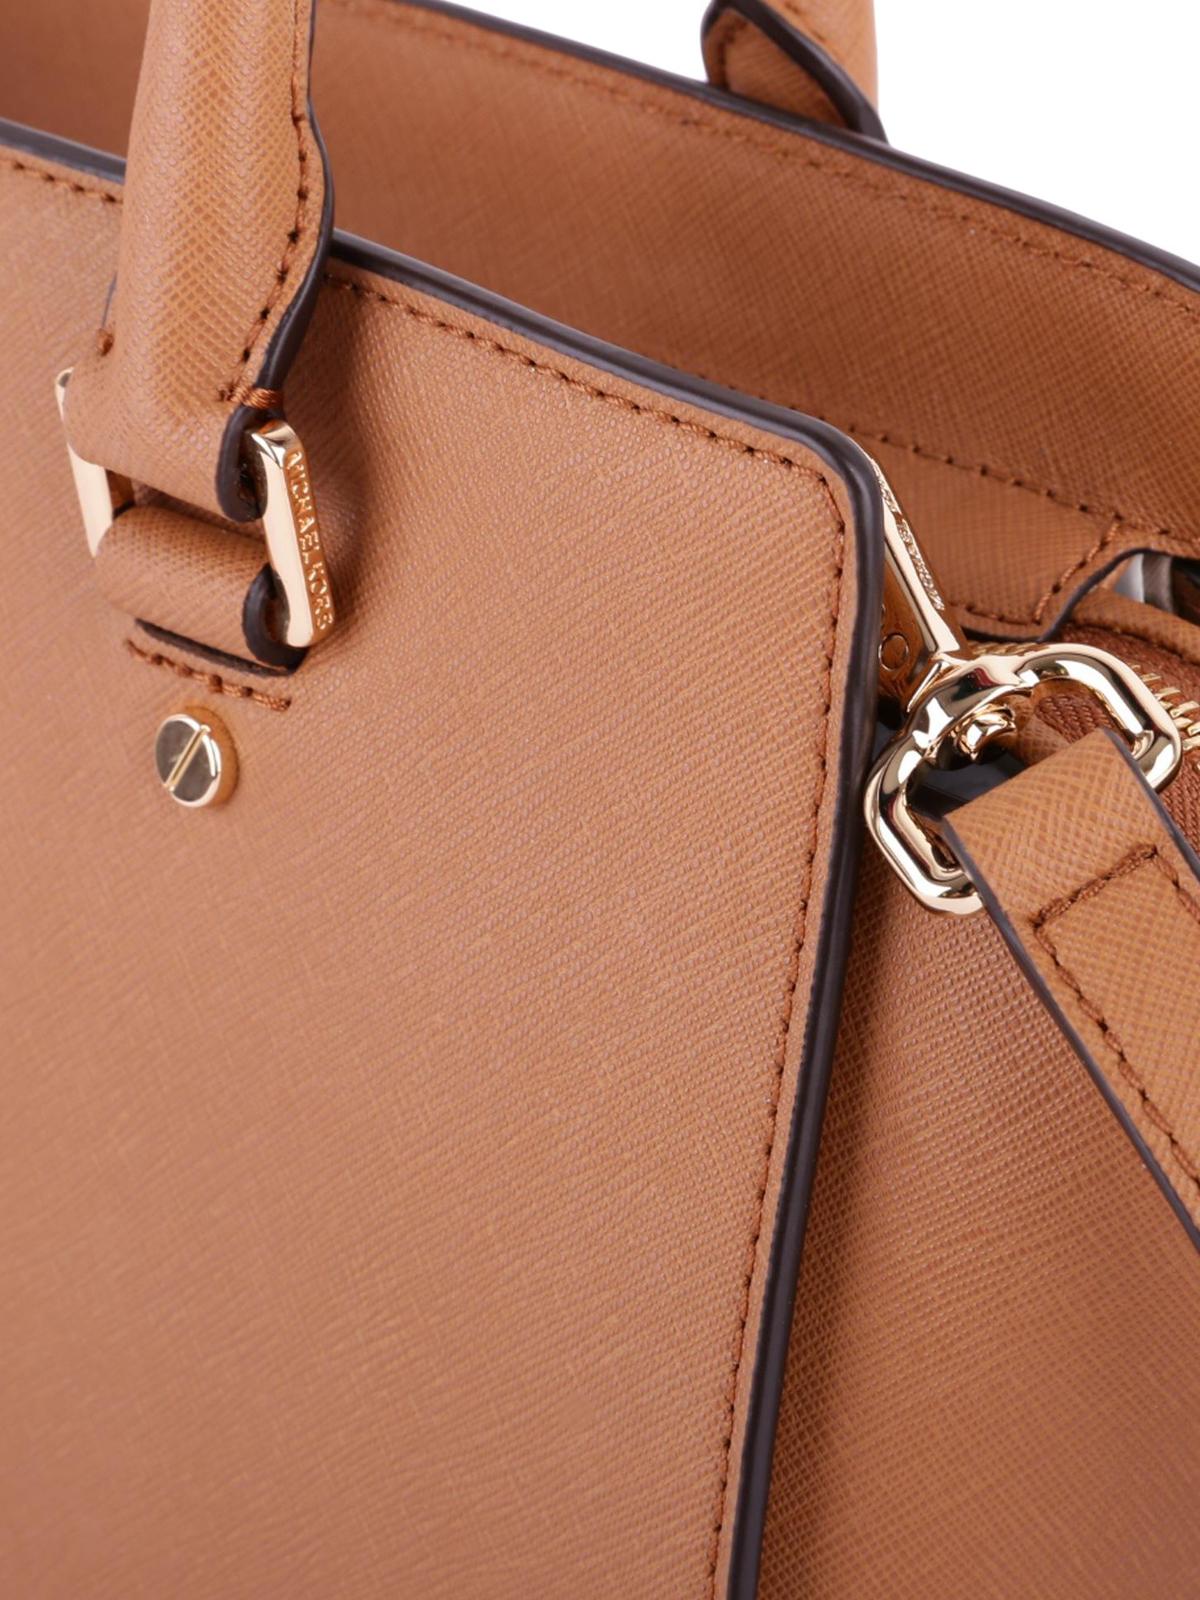 649db55add98 Selma medium acorn saffiano top zip tote shop online: MICHAEL KORS. MICHAEL  KORS: totes bags ...